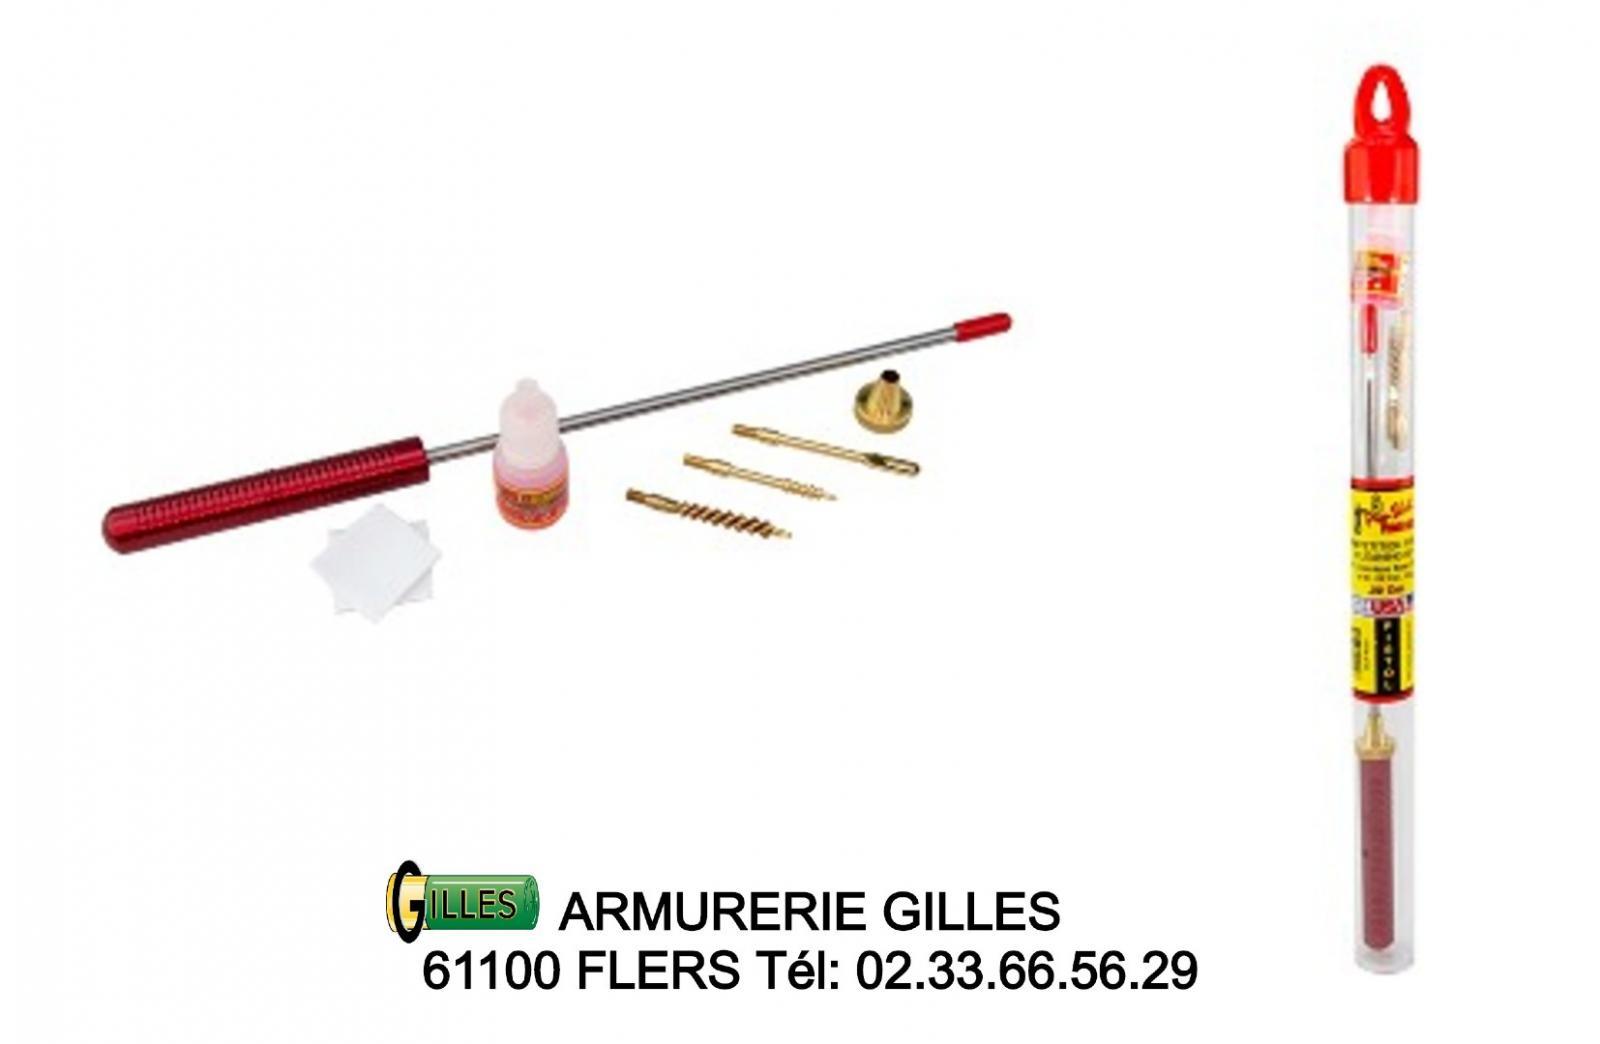 Kit de nettoyage PRO-SHOT pour arme de poing cal 22 lr PROC22